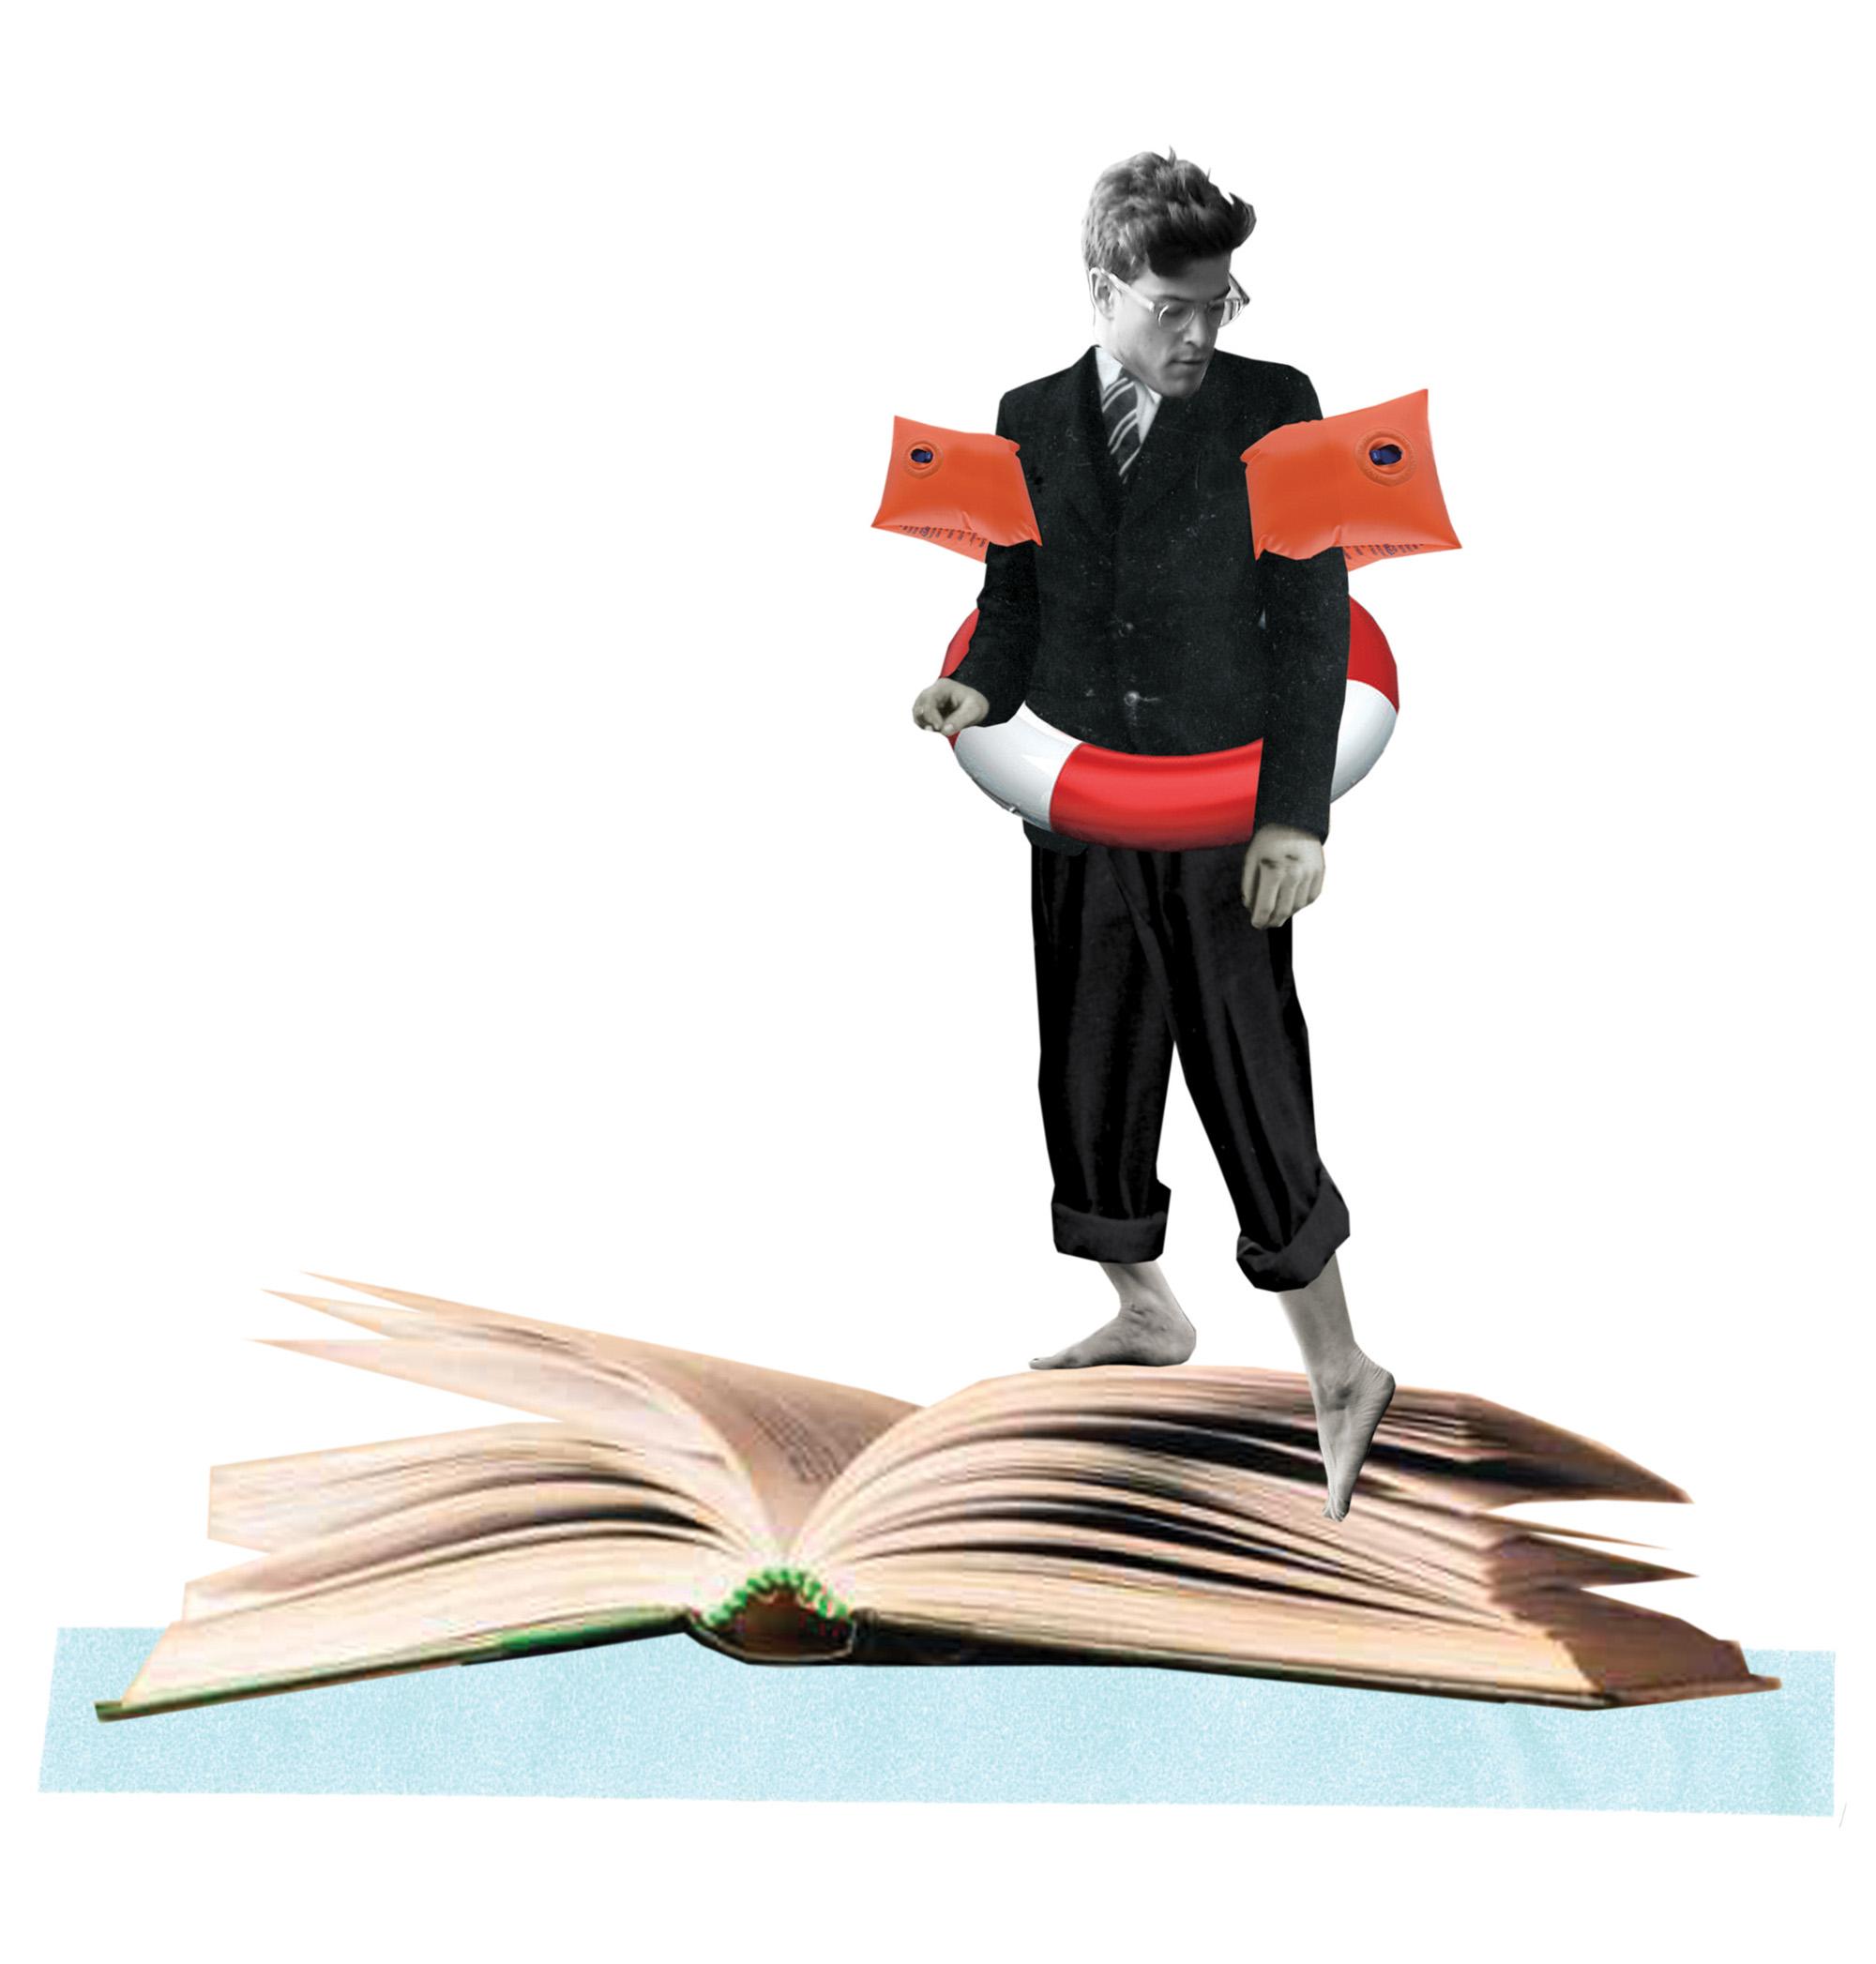 special onderwijs2027 praktijkgerichte masters